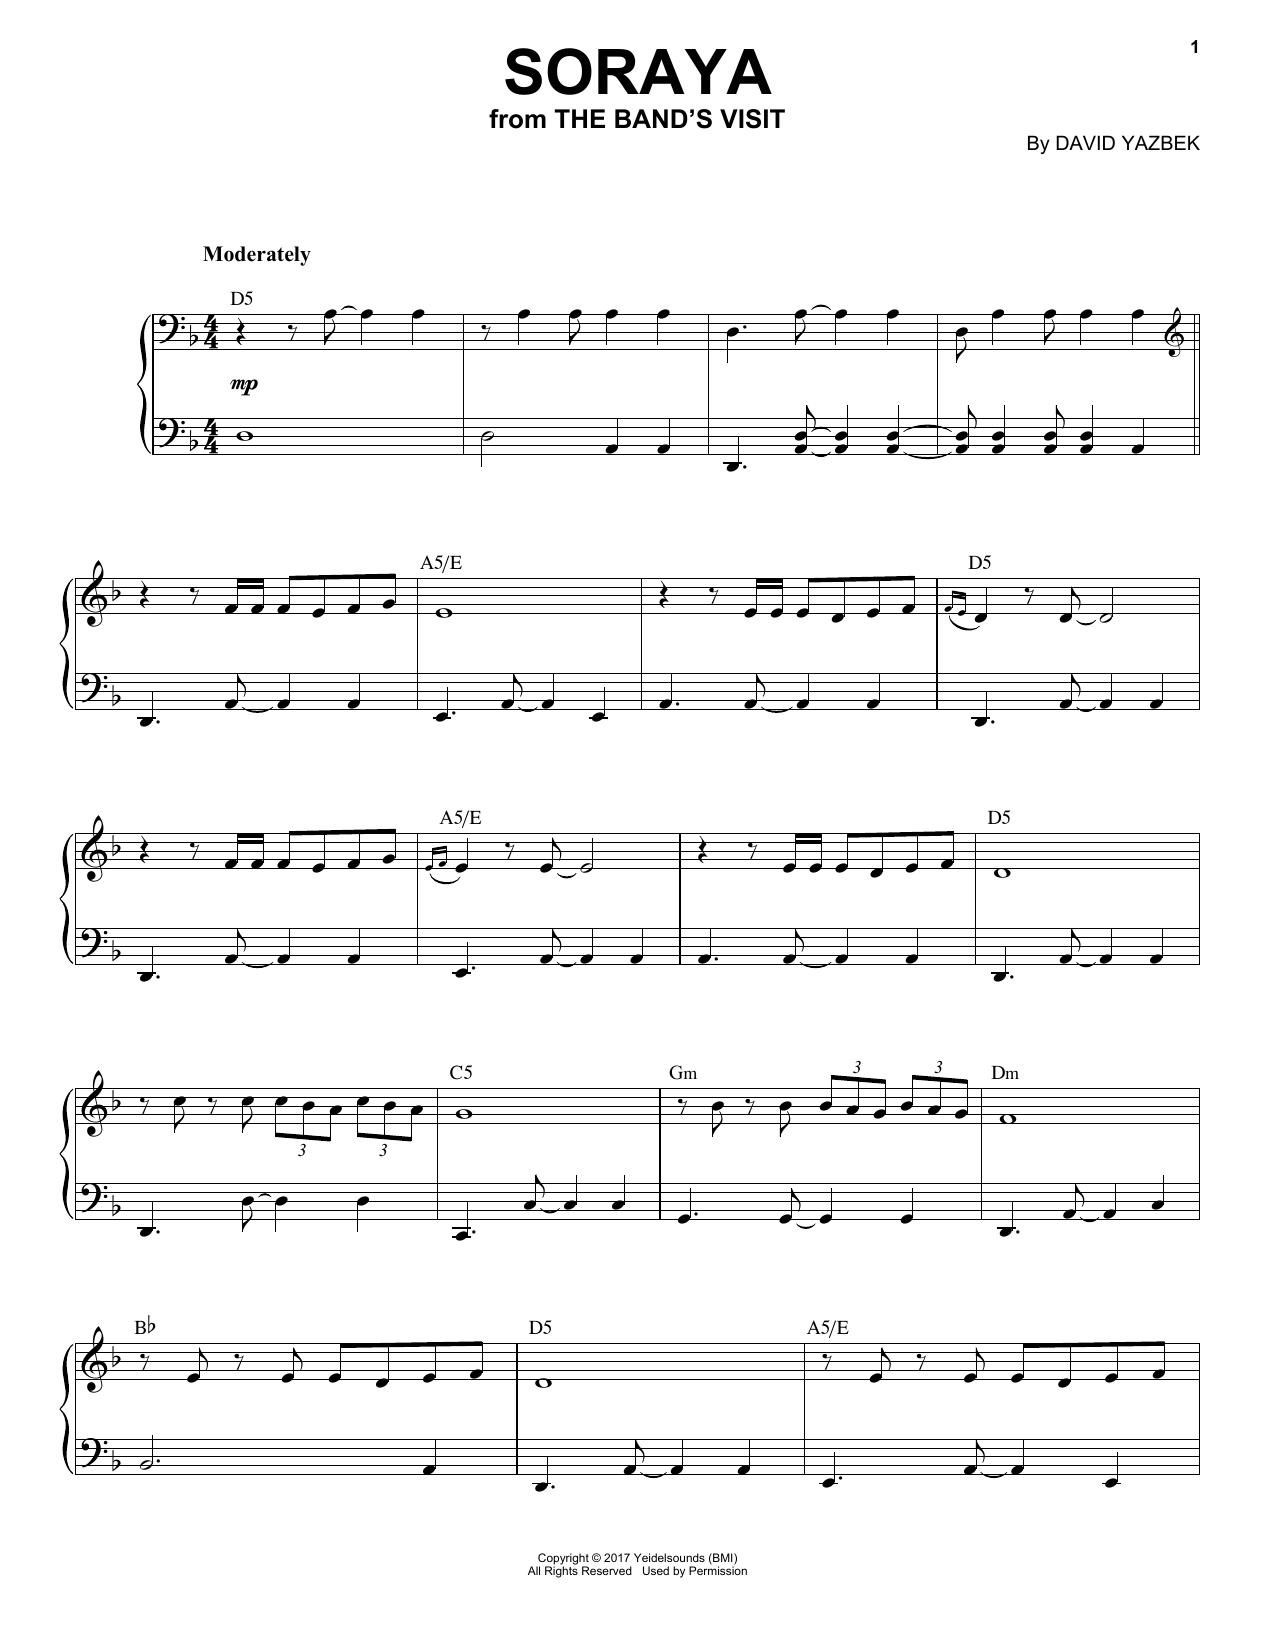 David Yazbek Soraya (from The Band's Visit) sheet music notes and chords